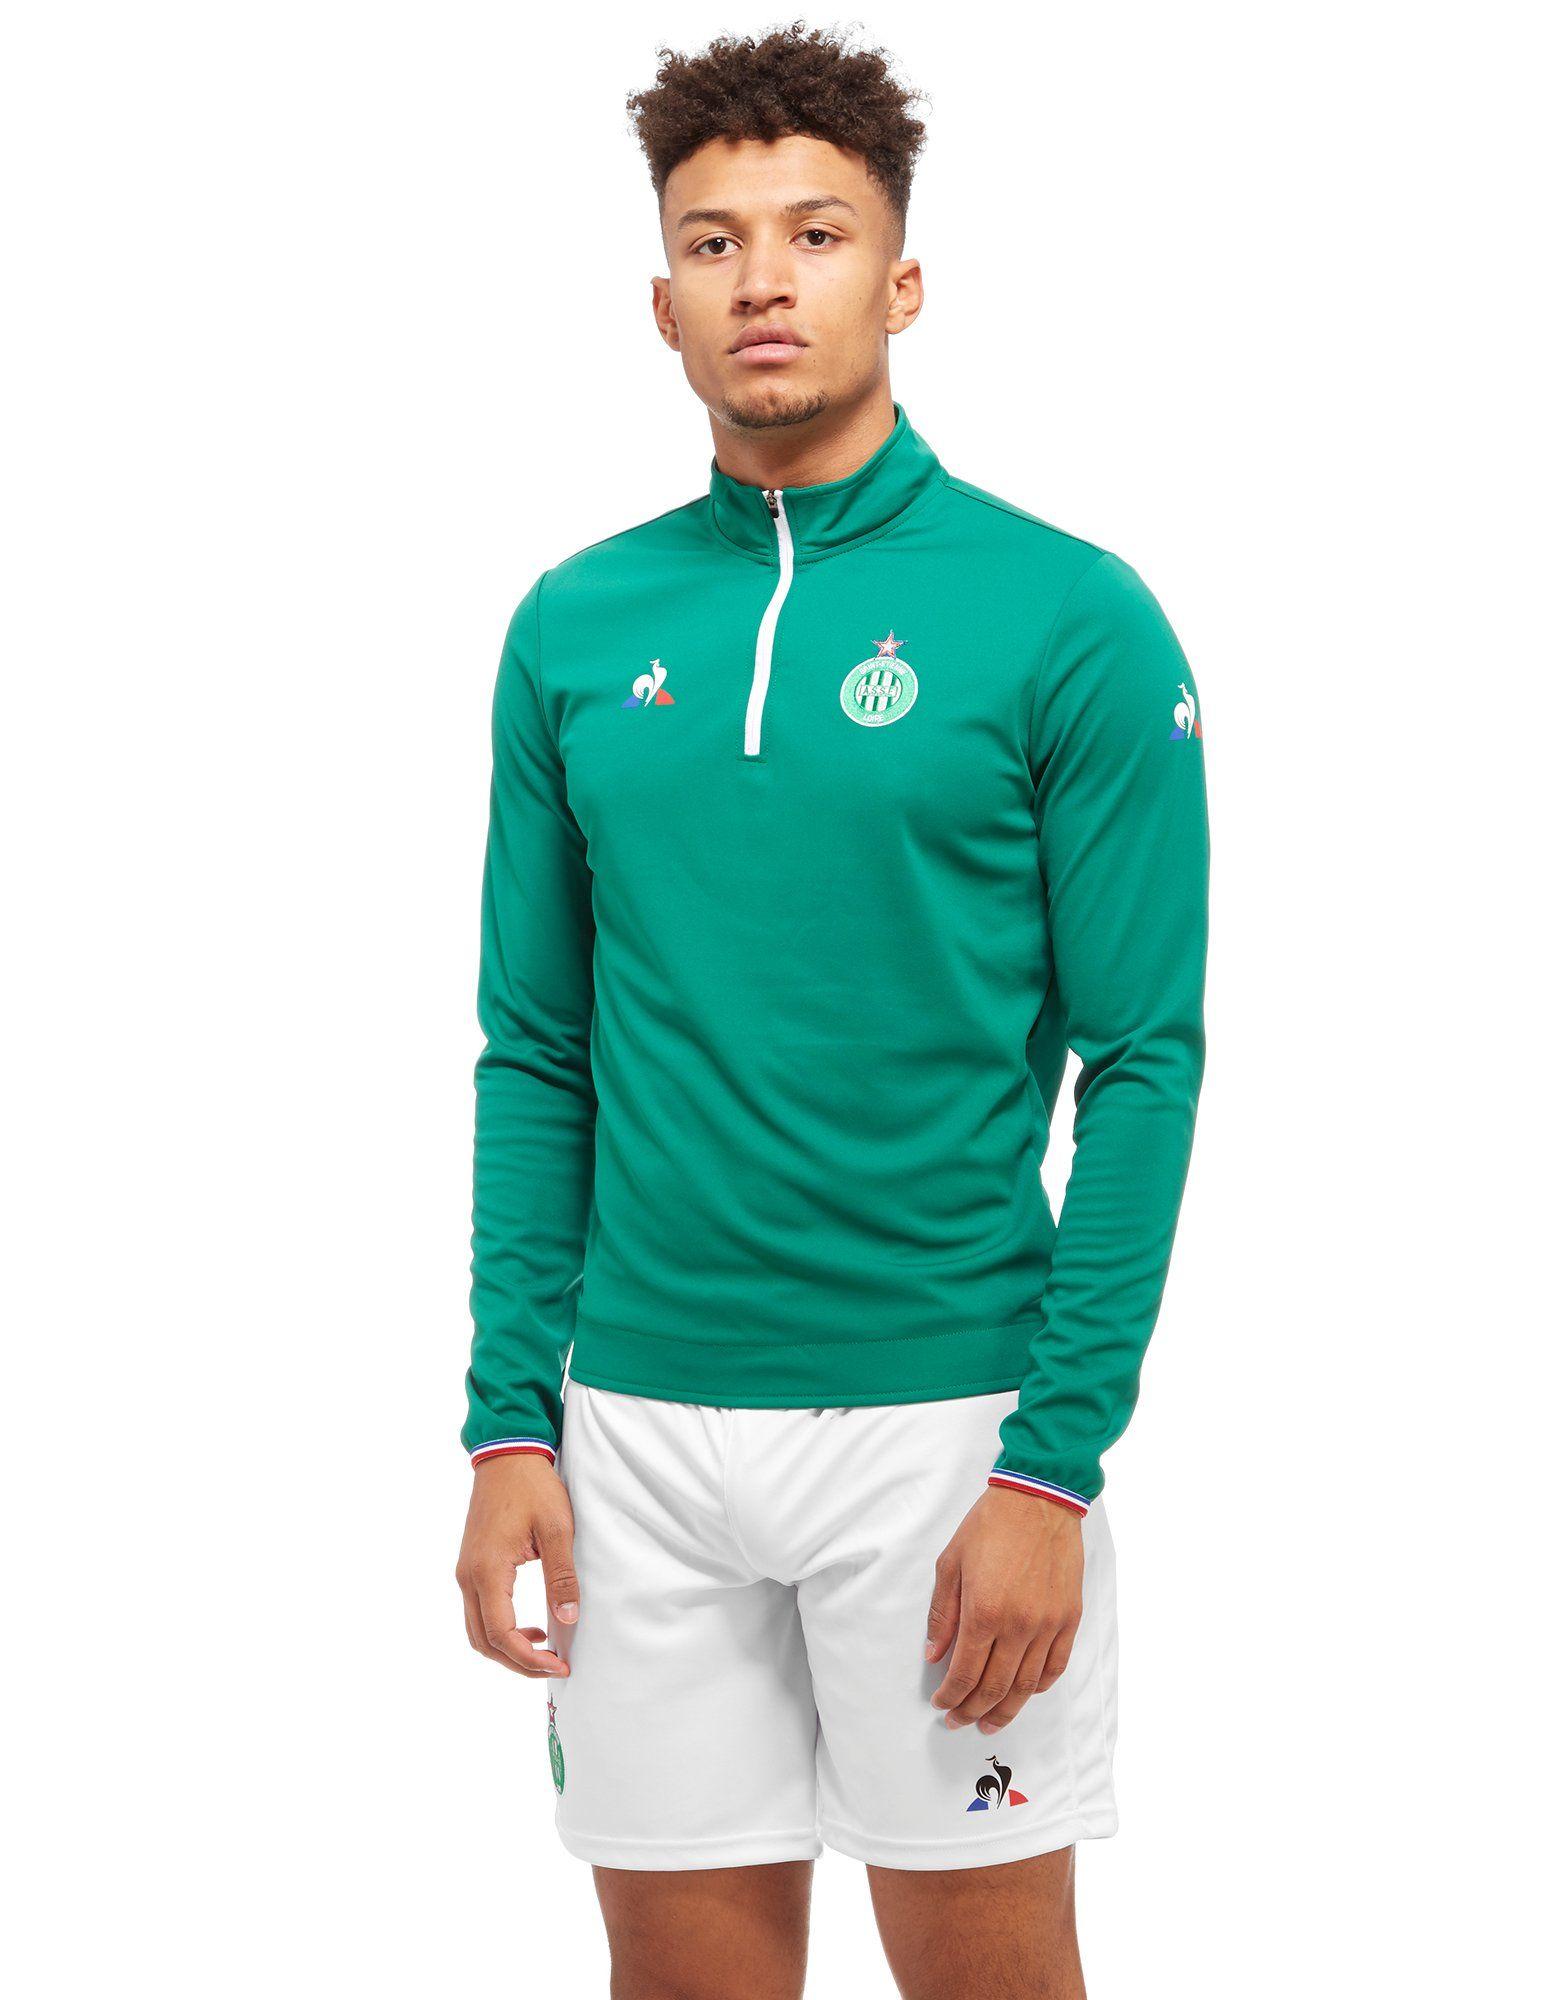 Le Coq Sportif AS Saint Etienne 2017/18 Home Shorts